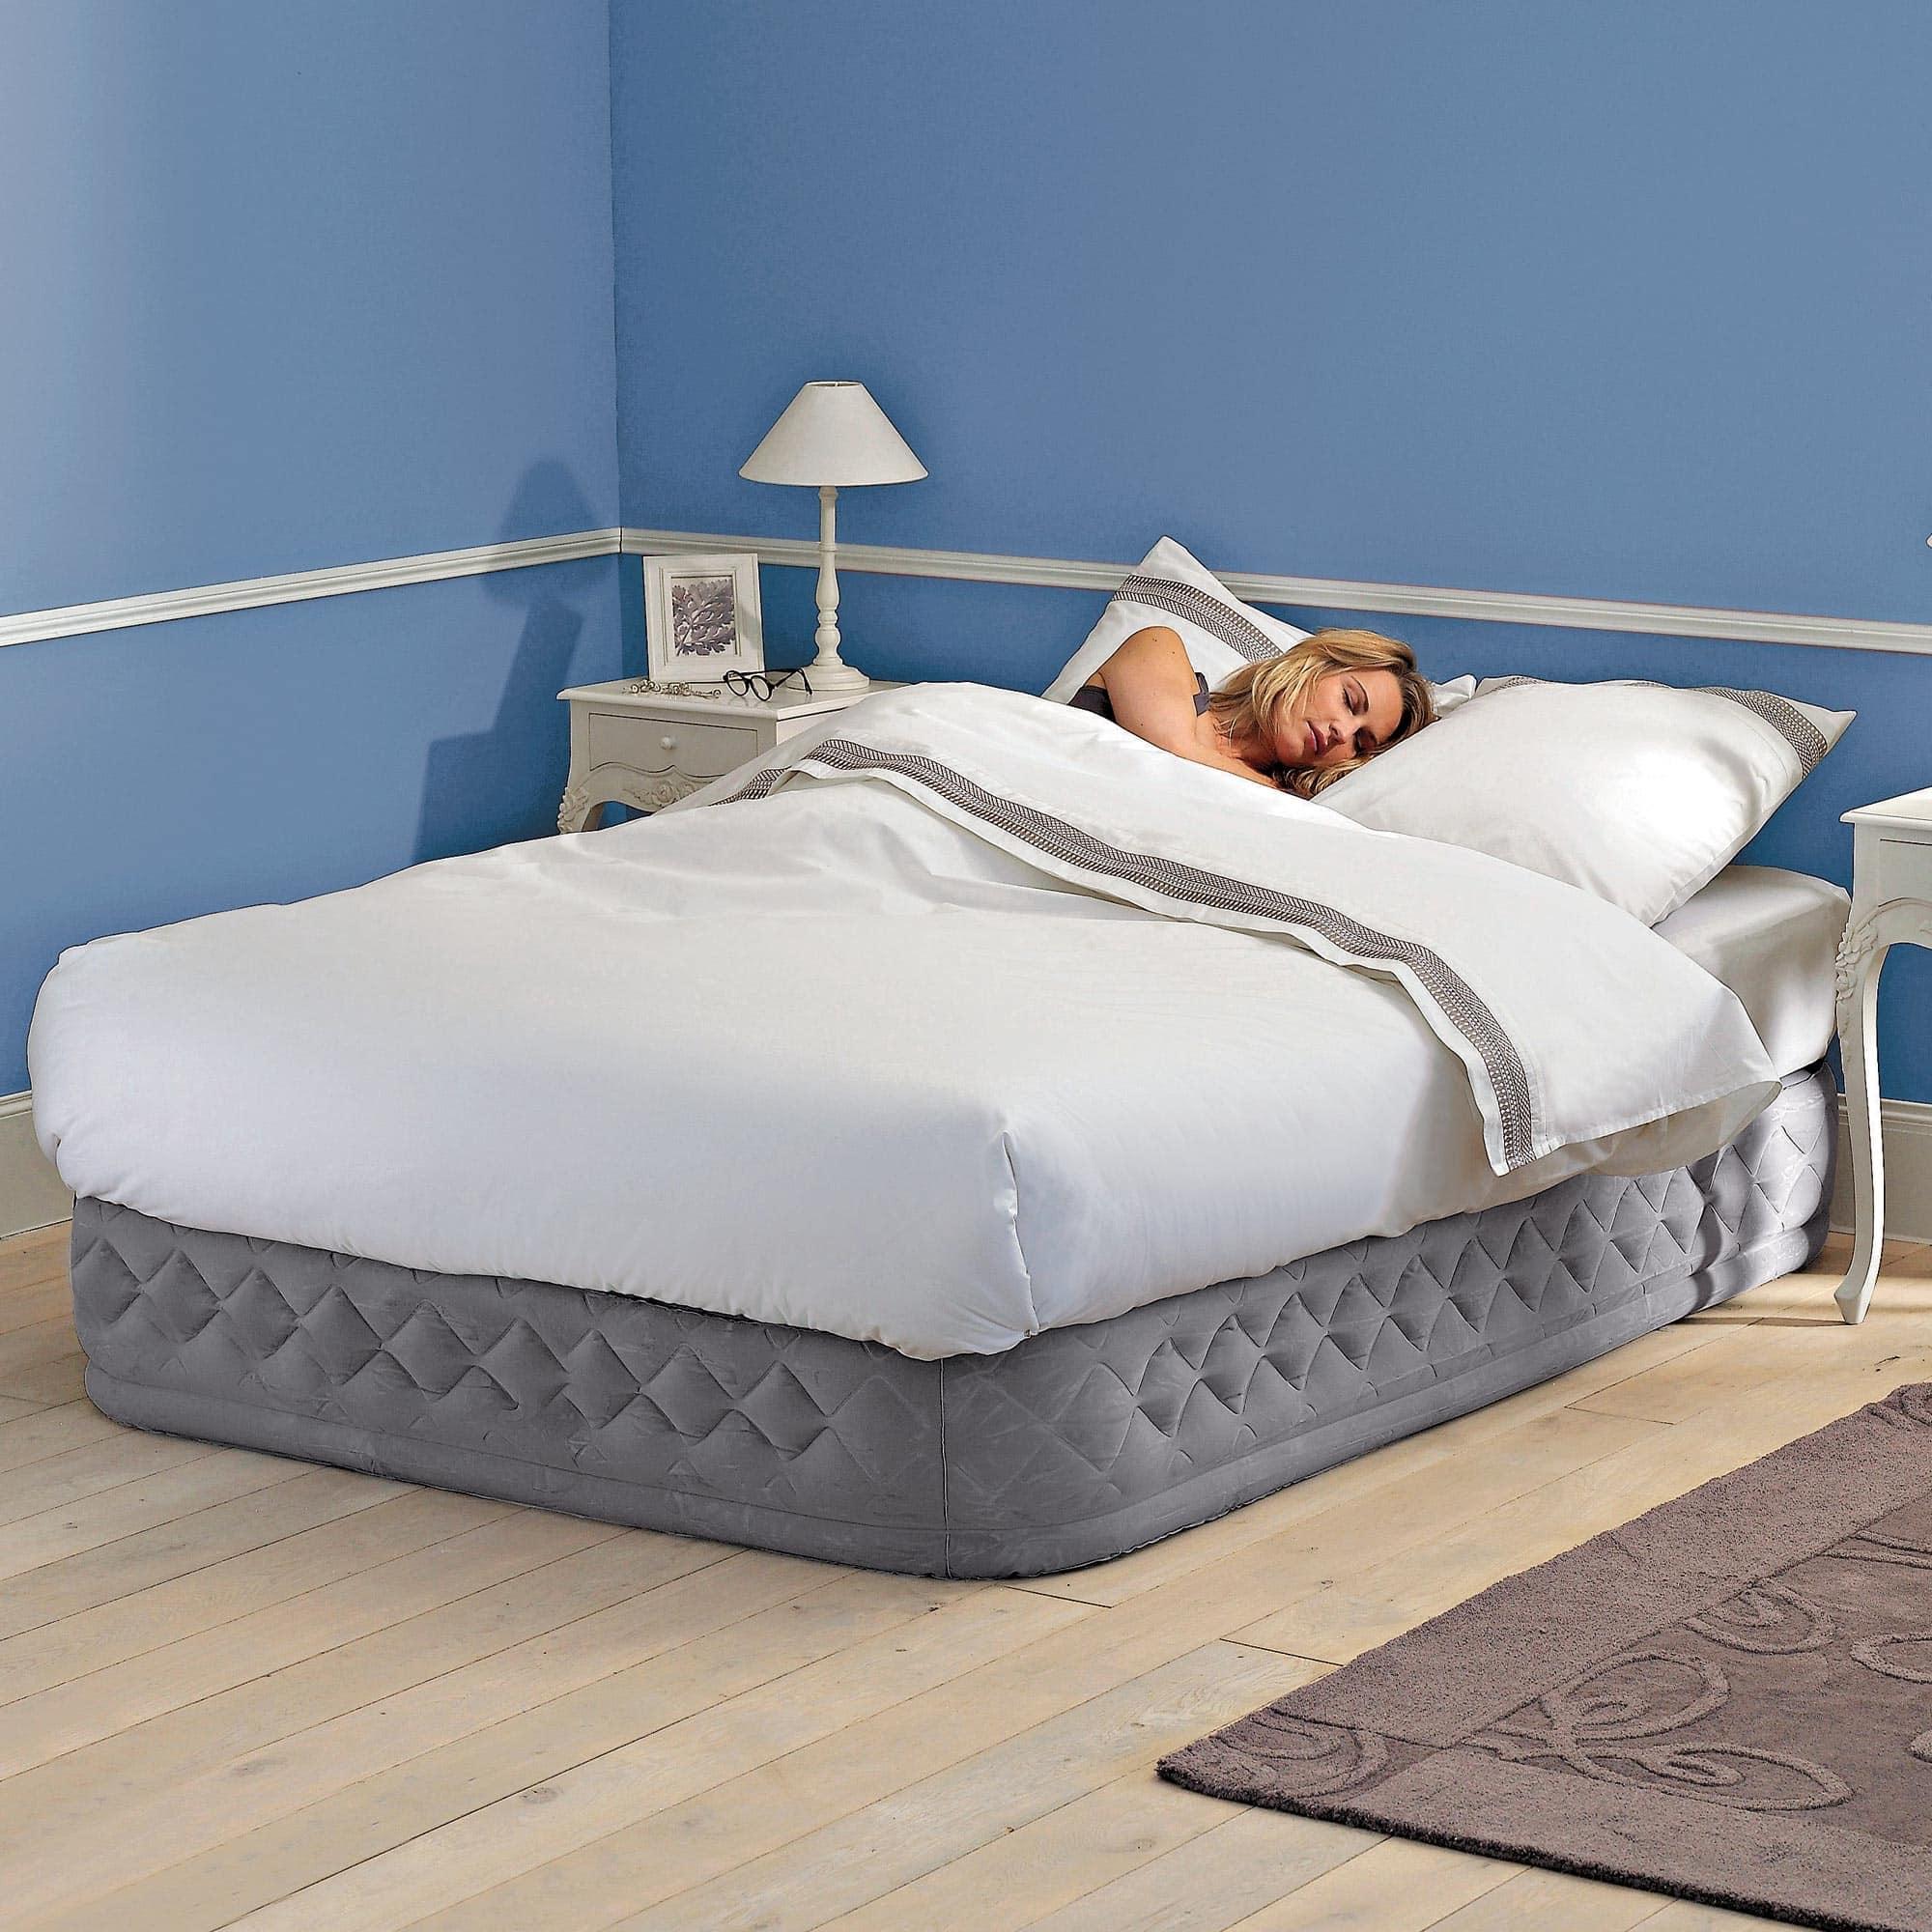 tout ce qu il faut savoir sur le matelas gonflable le. Black Bedroom Furniture Sets. Home Design Ideas